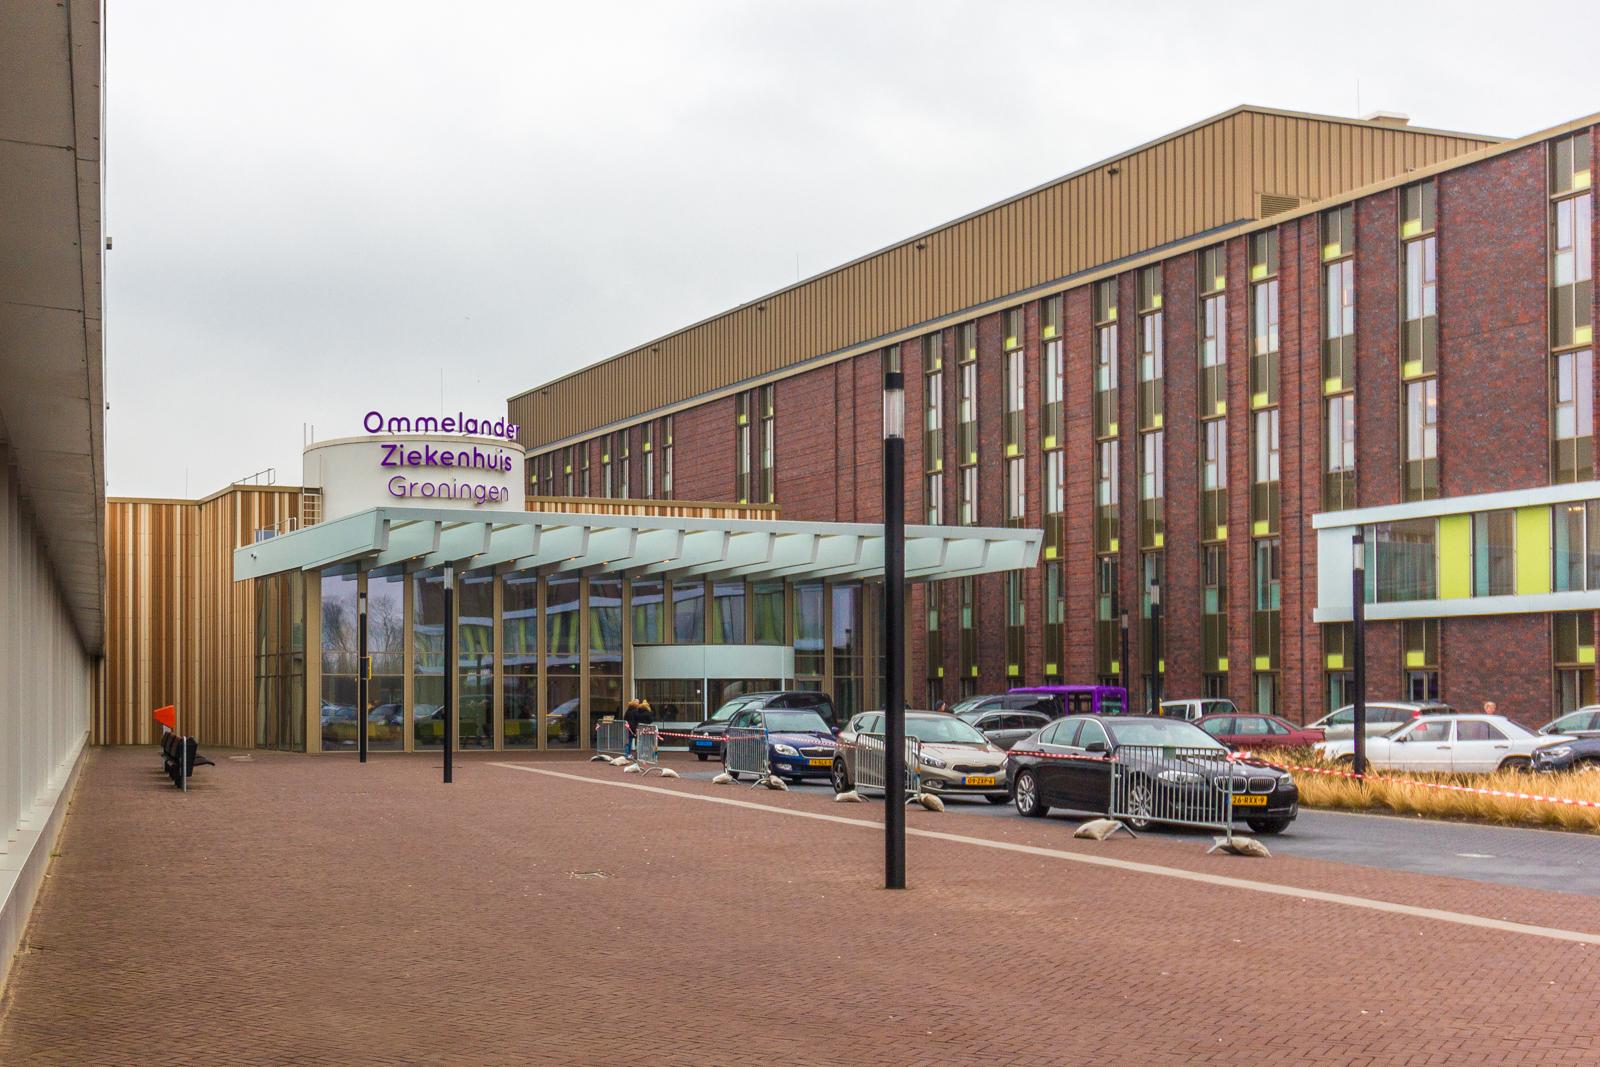 Ommelander_ziekenhuis_Scheemda-6472